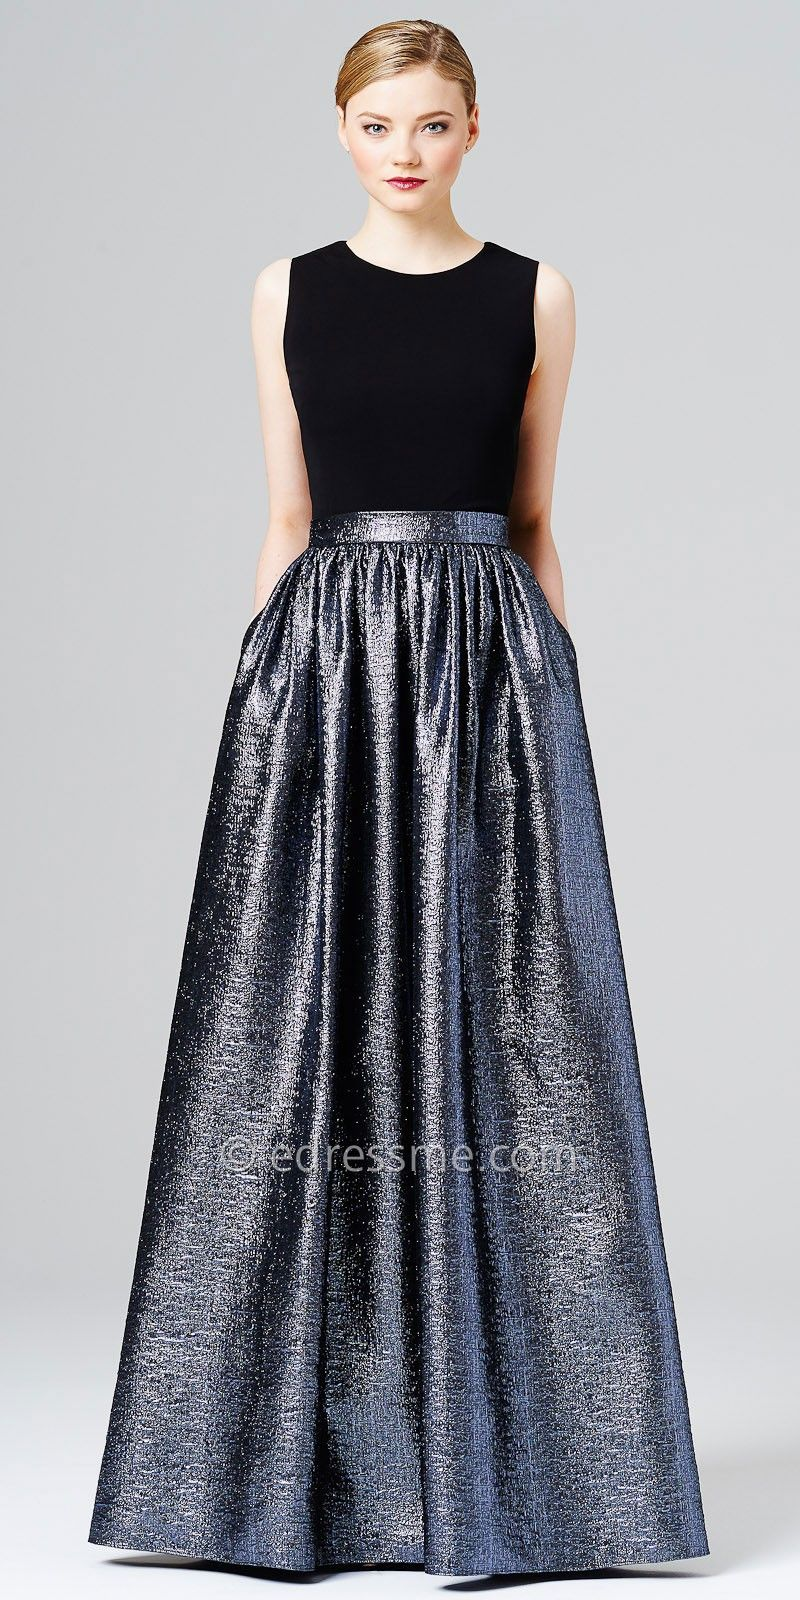 silver metallic evening dress